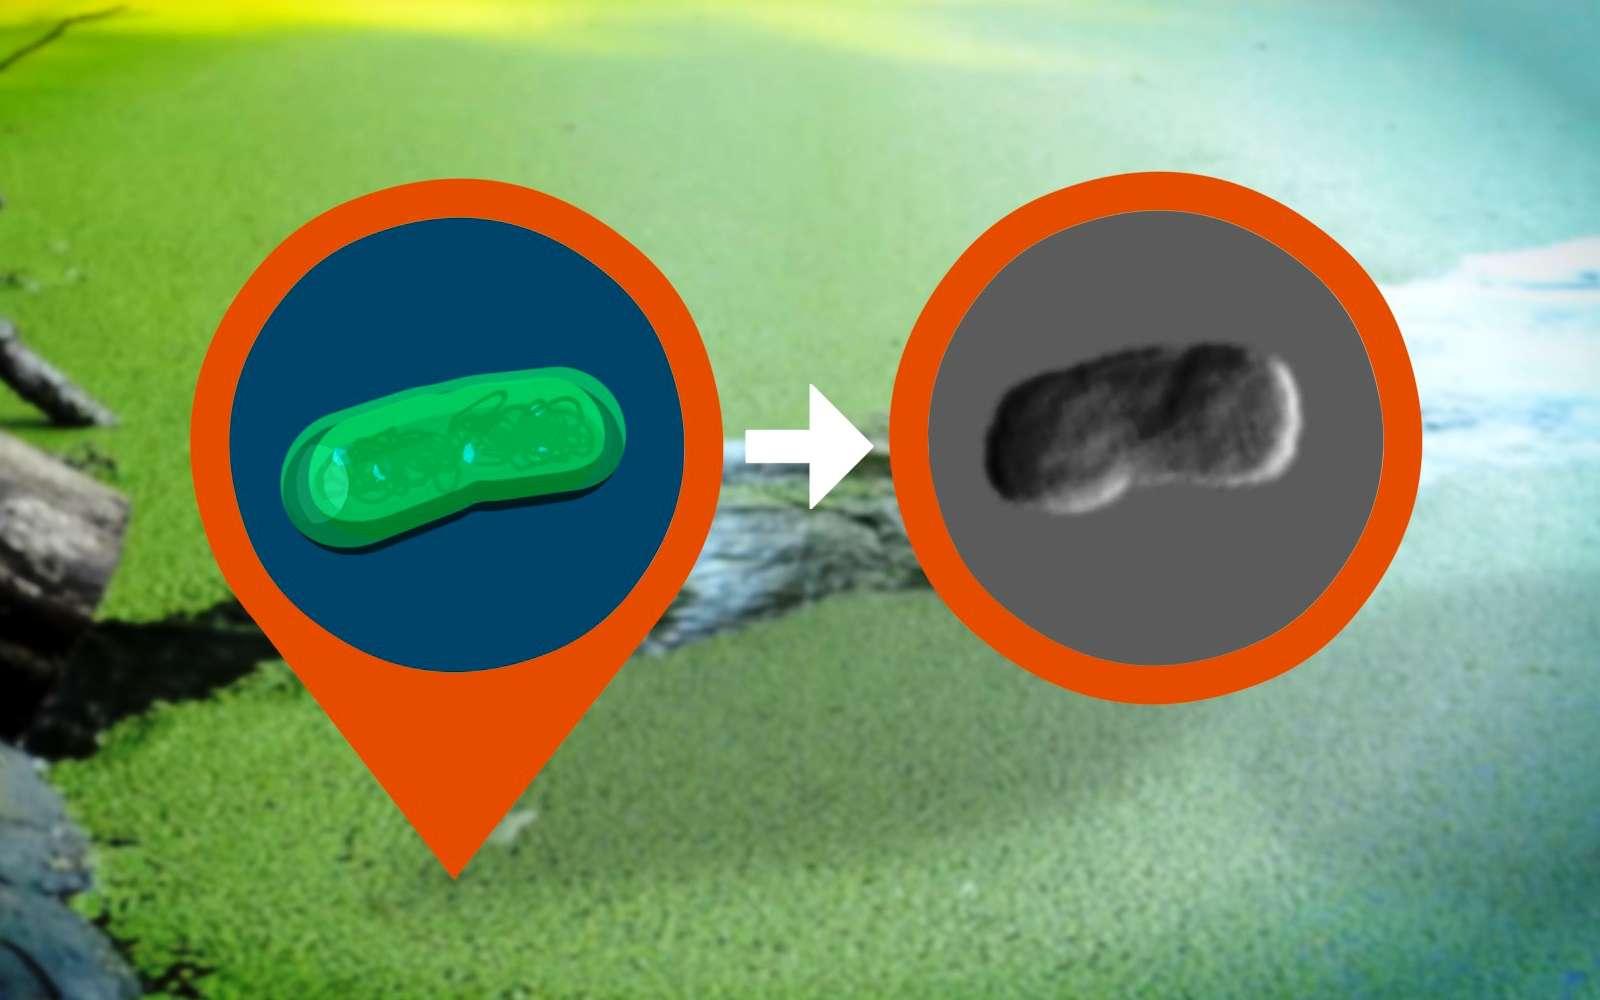 Les cyanobactéries sont des algues qui se développent facilement dans des lacs ou des mares qu'elles colorent en vert. Il est maintenant possible de les photographier avec des rayons X, ce qui constitue une première étape vers une révolution en biologie structurale. © SLAC National Accelerator Laboratory